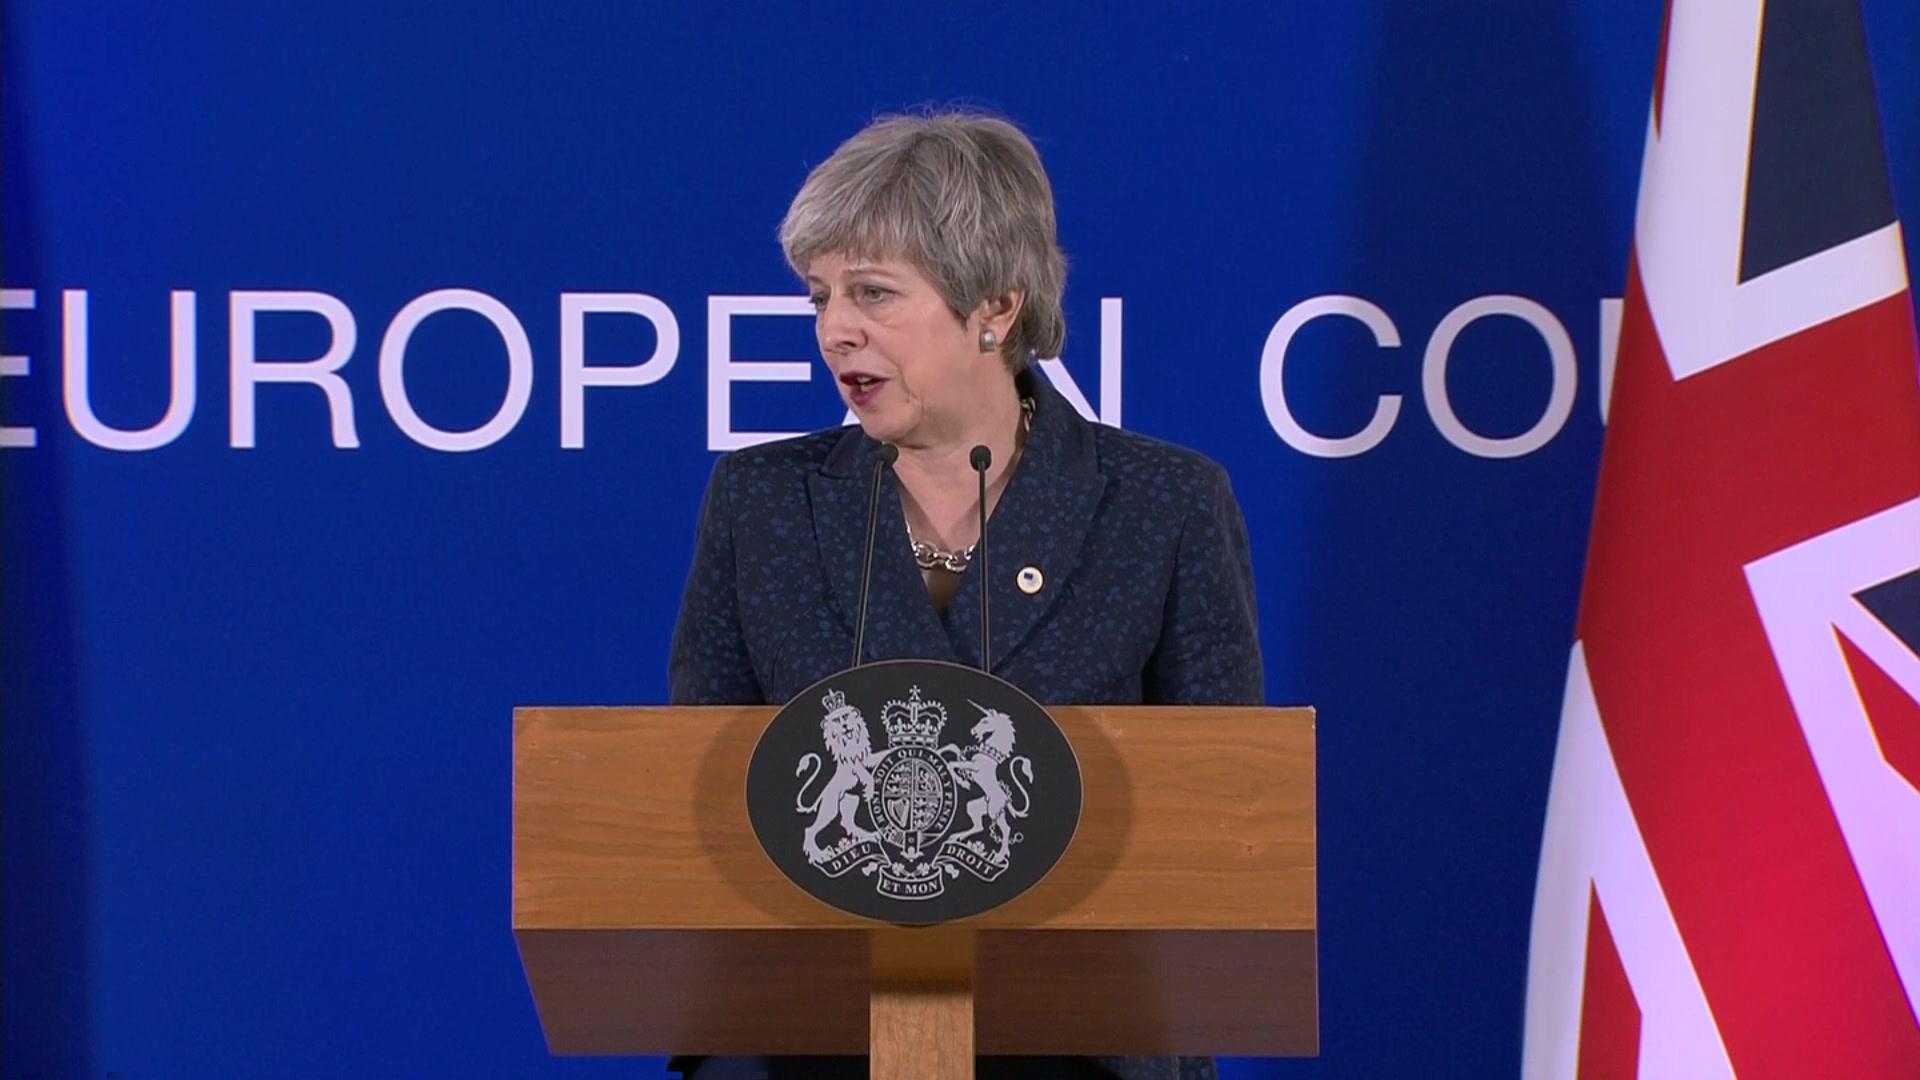 Brexit: EU leaders agree Brexit delay plan